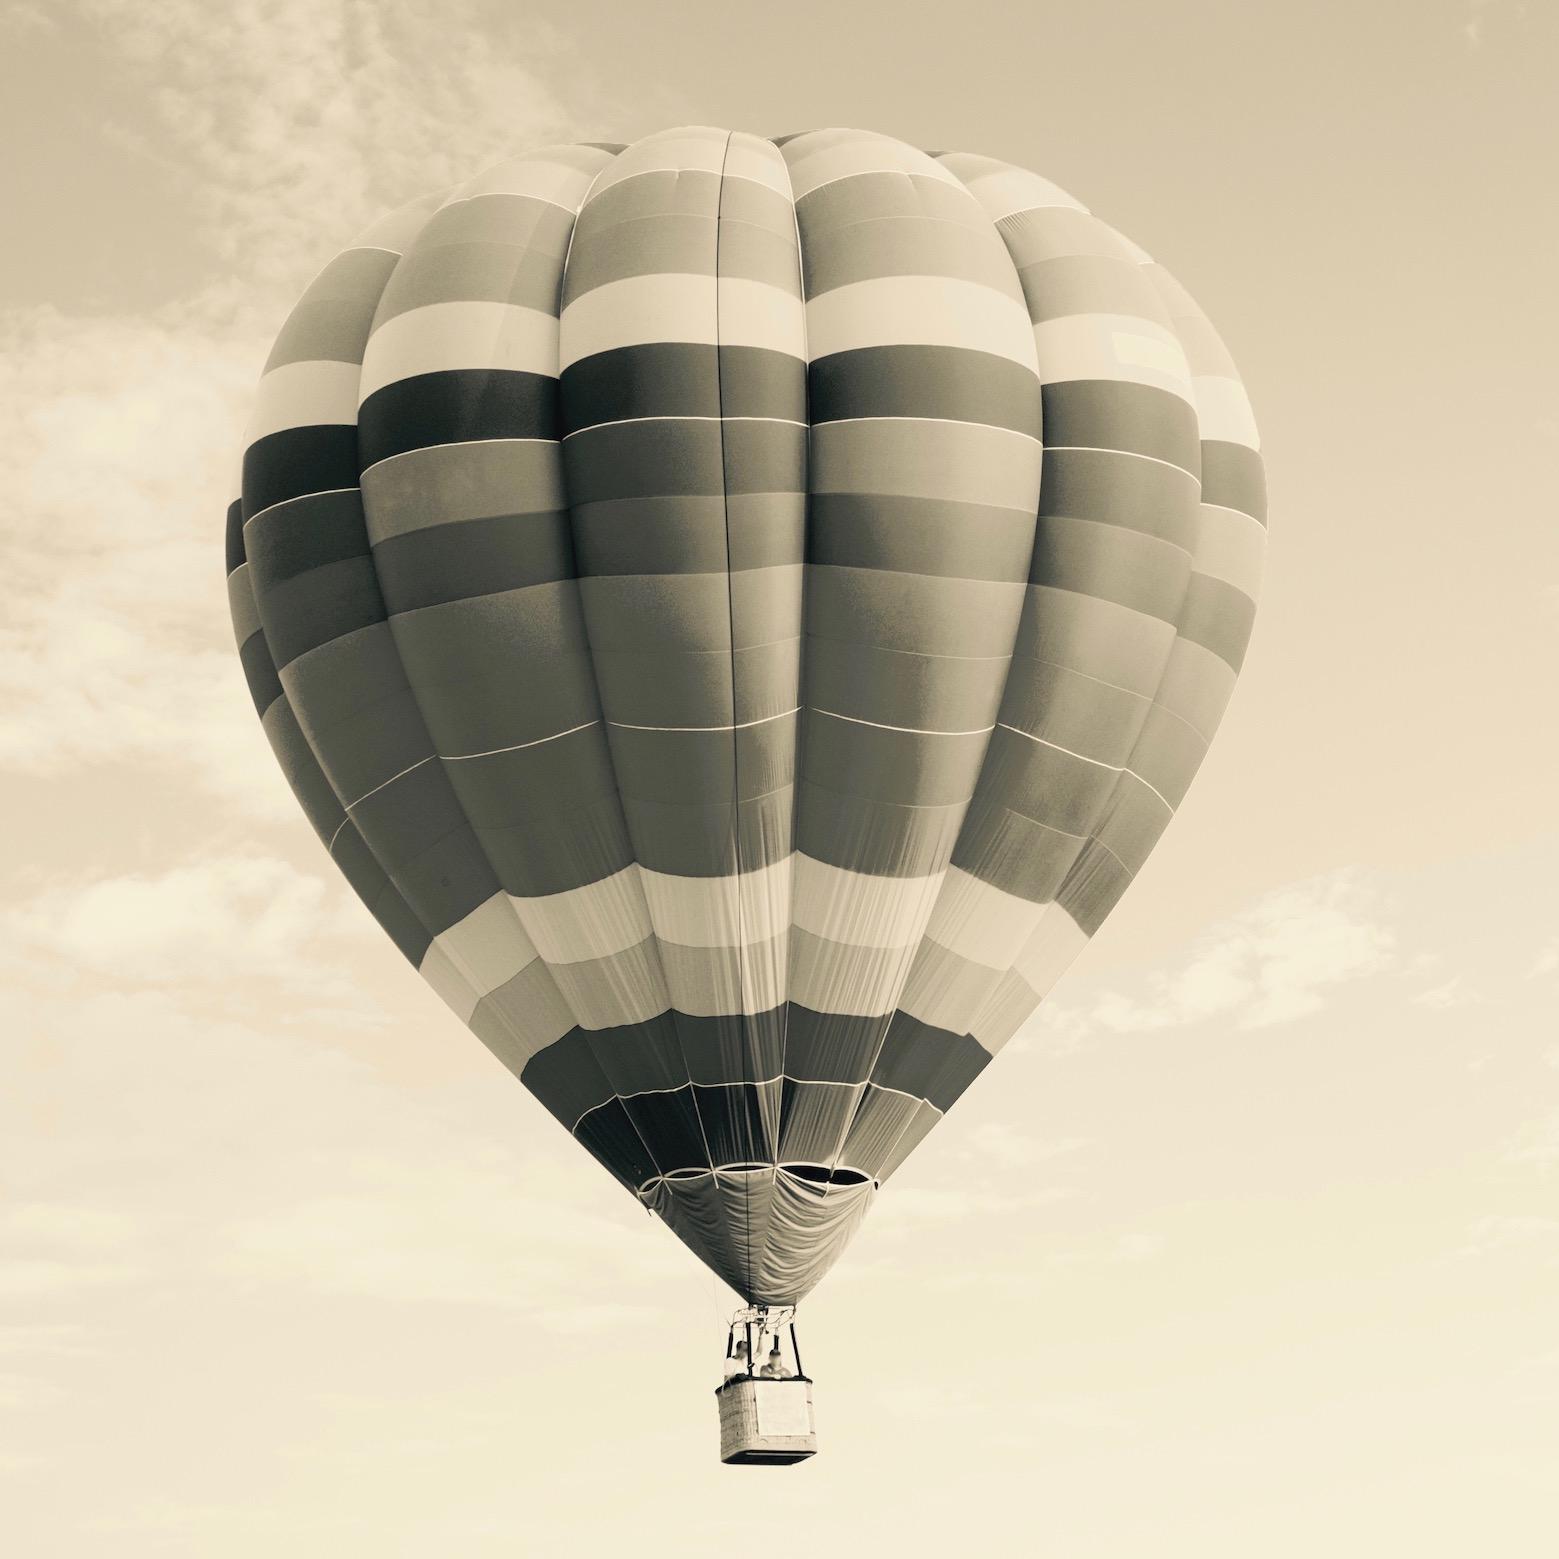 bridgehouse balloon service